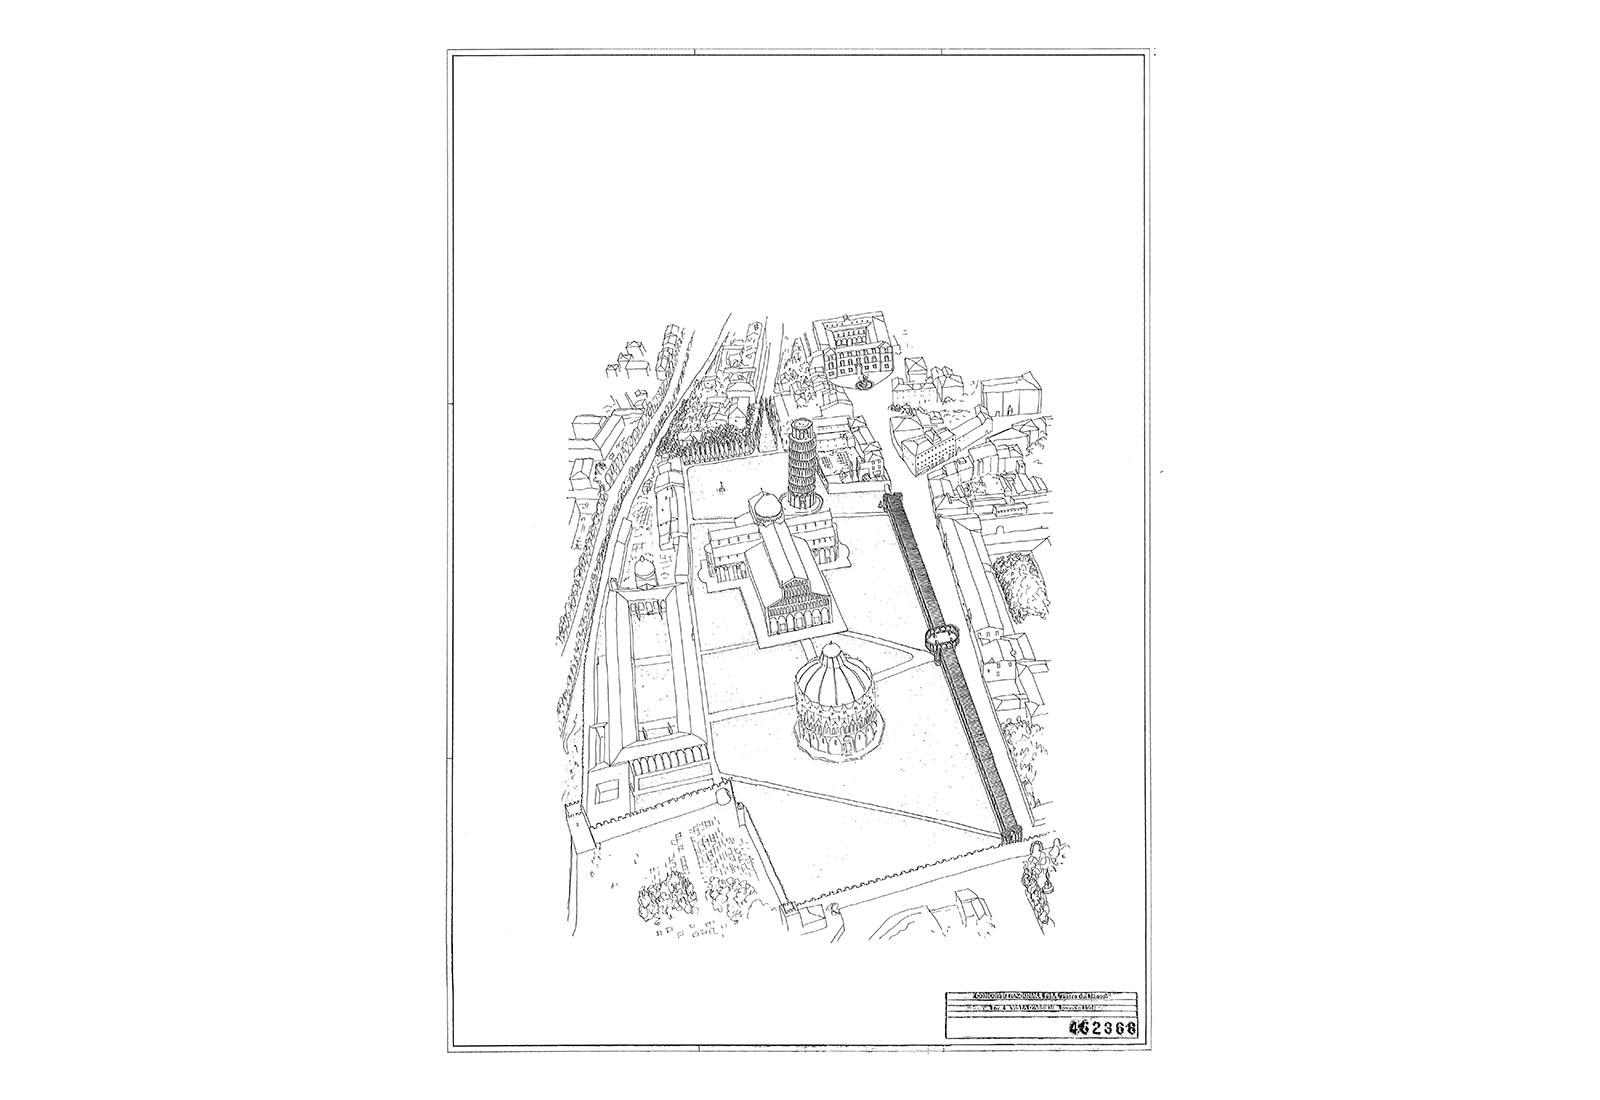 Concorso piazza dei miracoli a Pisa - Tavola n°4 del concorso